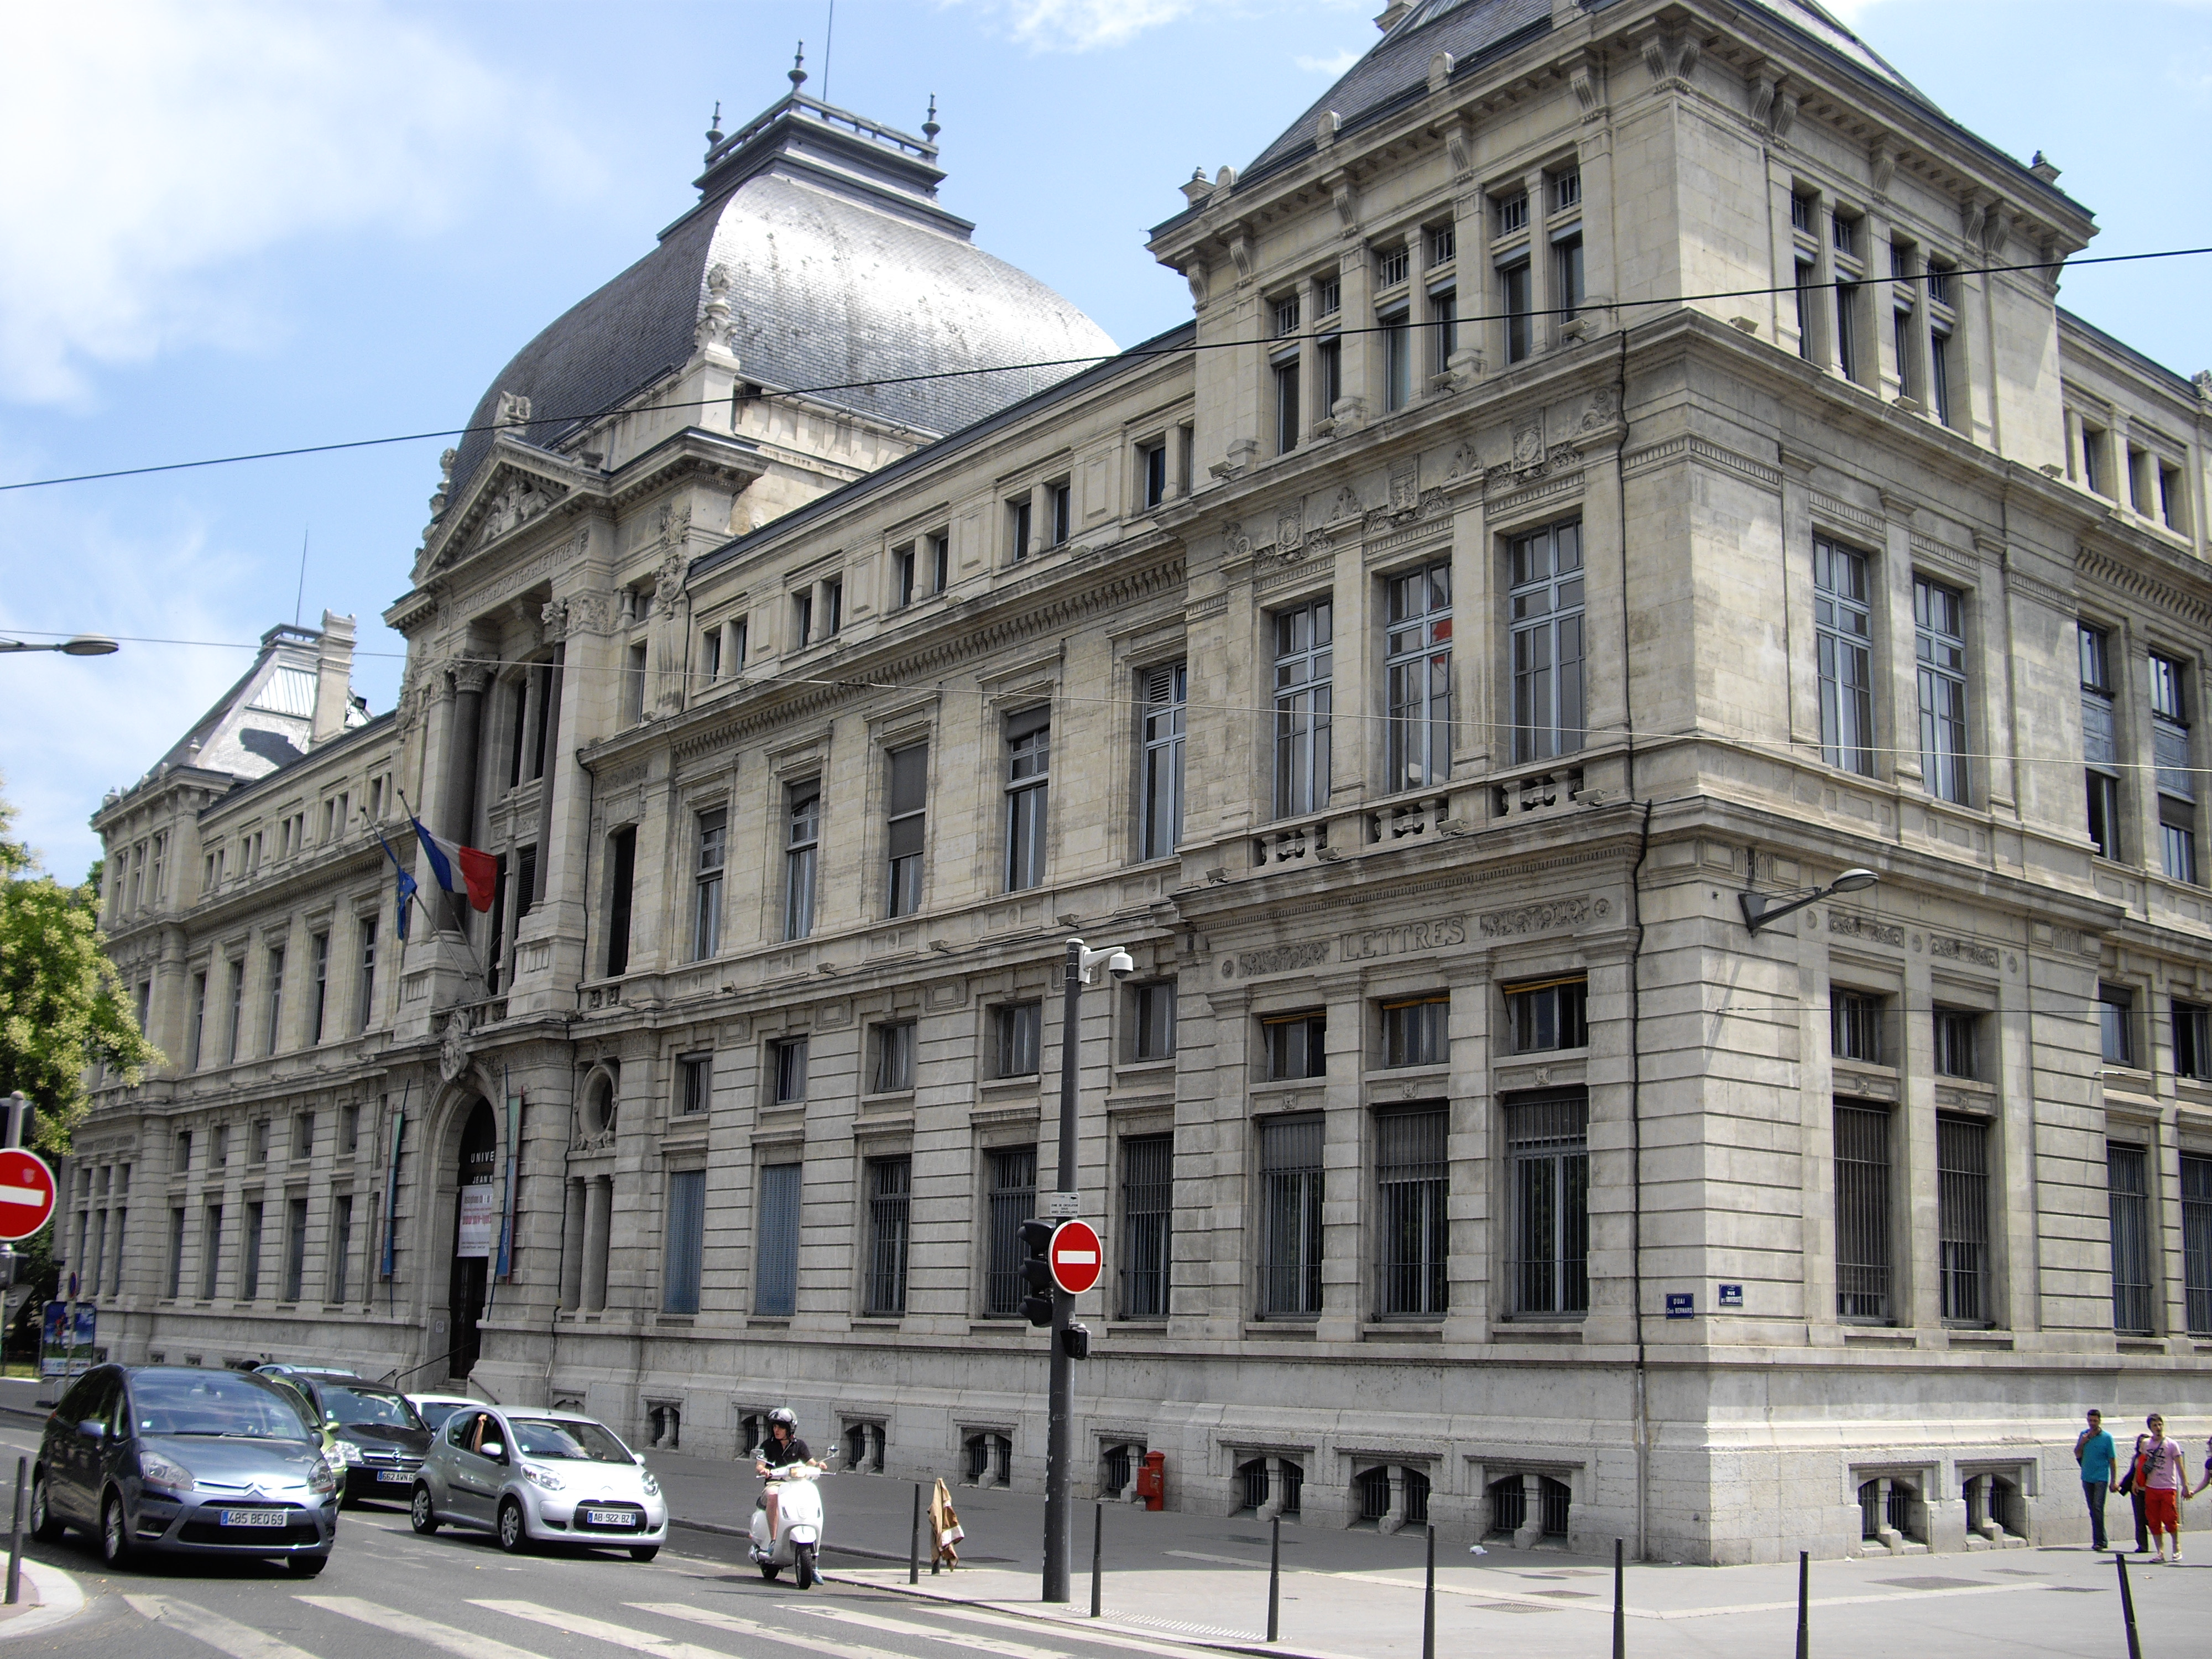 Entreprise D Architecture Lyon jean moulin university lyon 3 - wikipedia